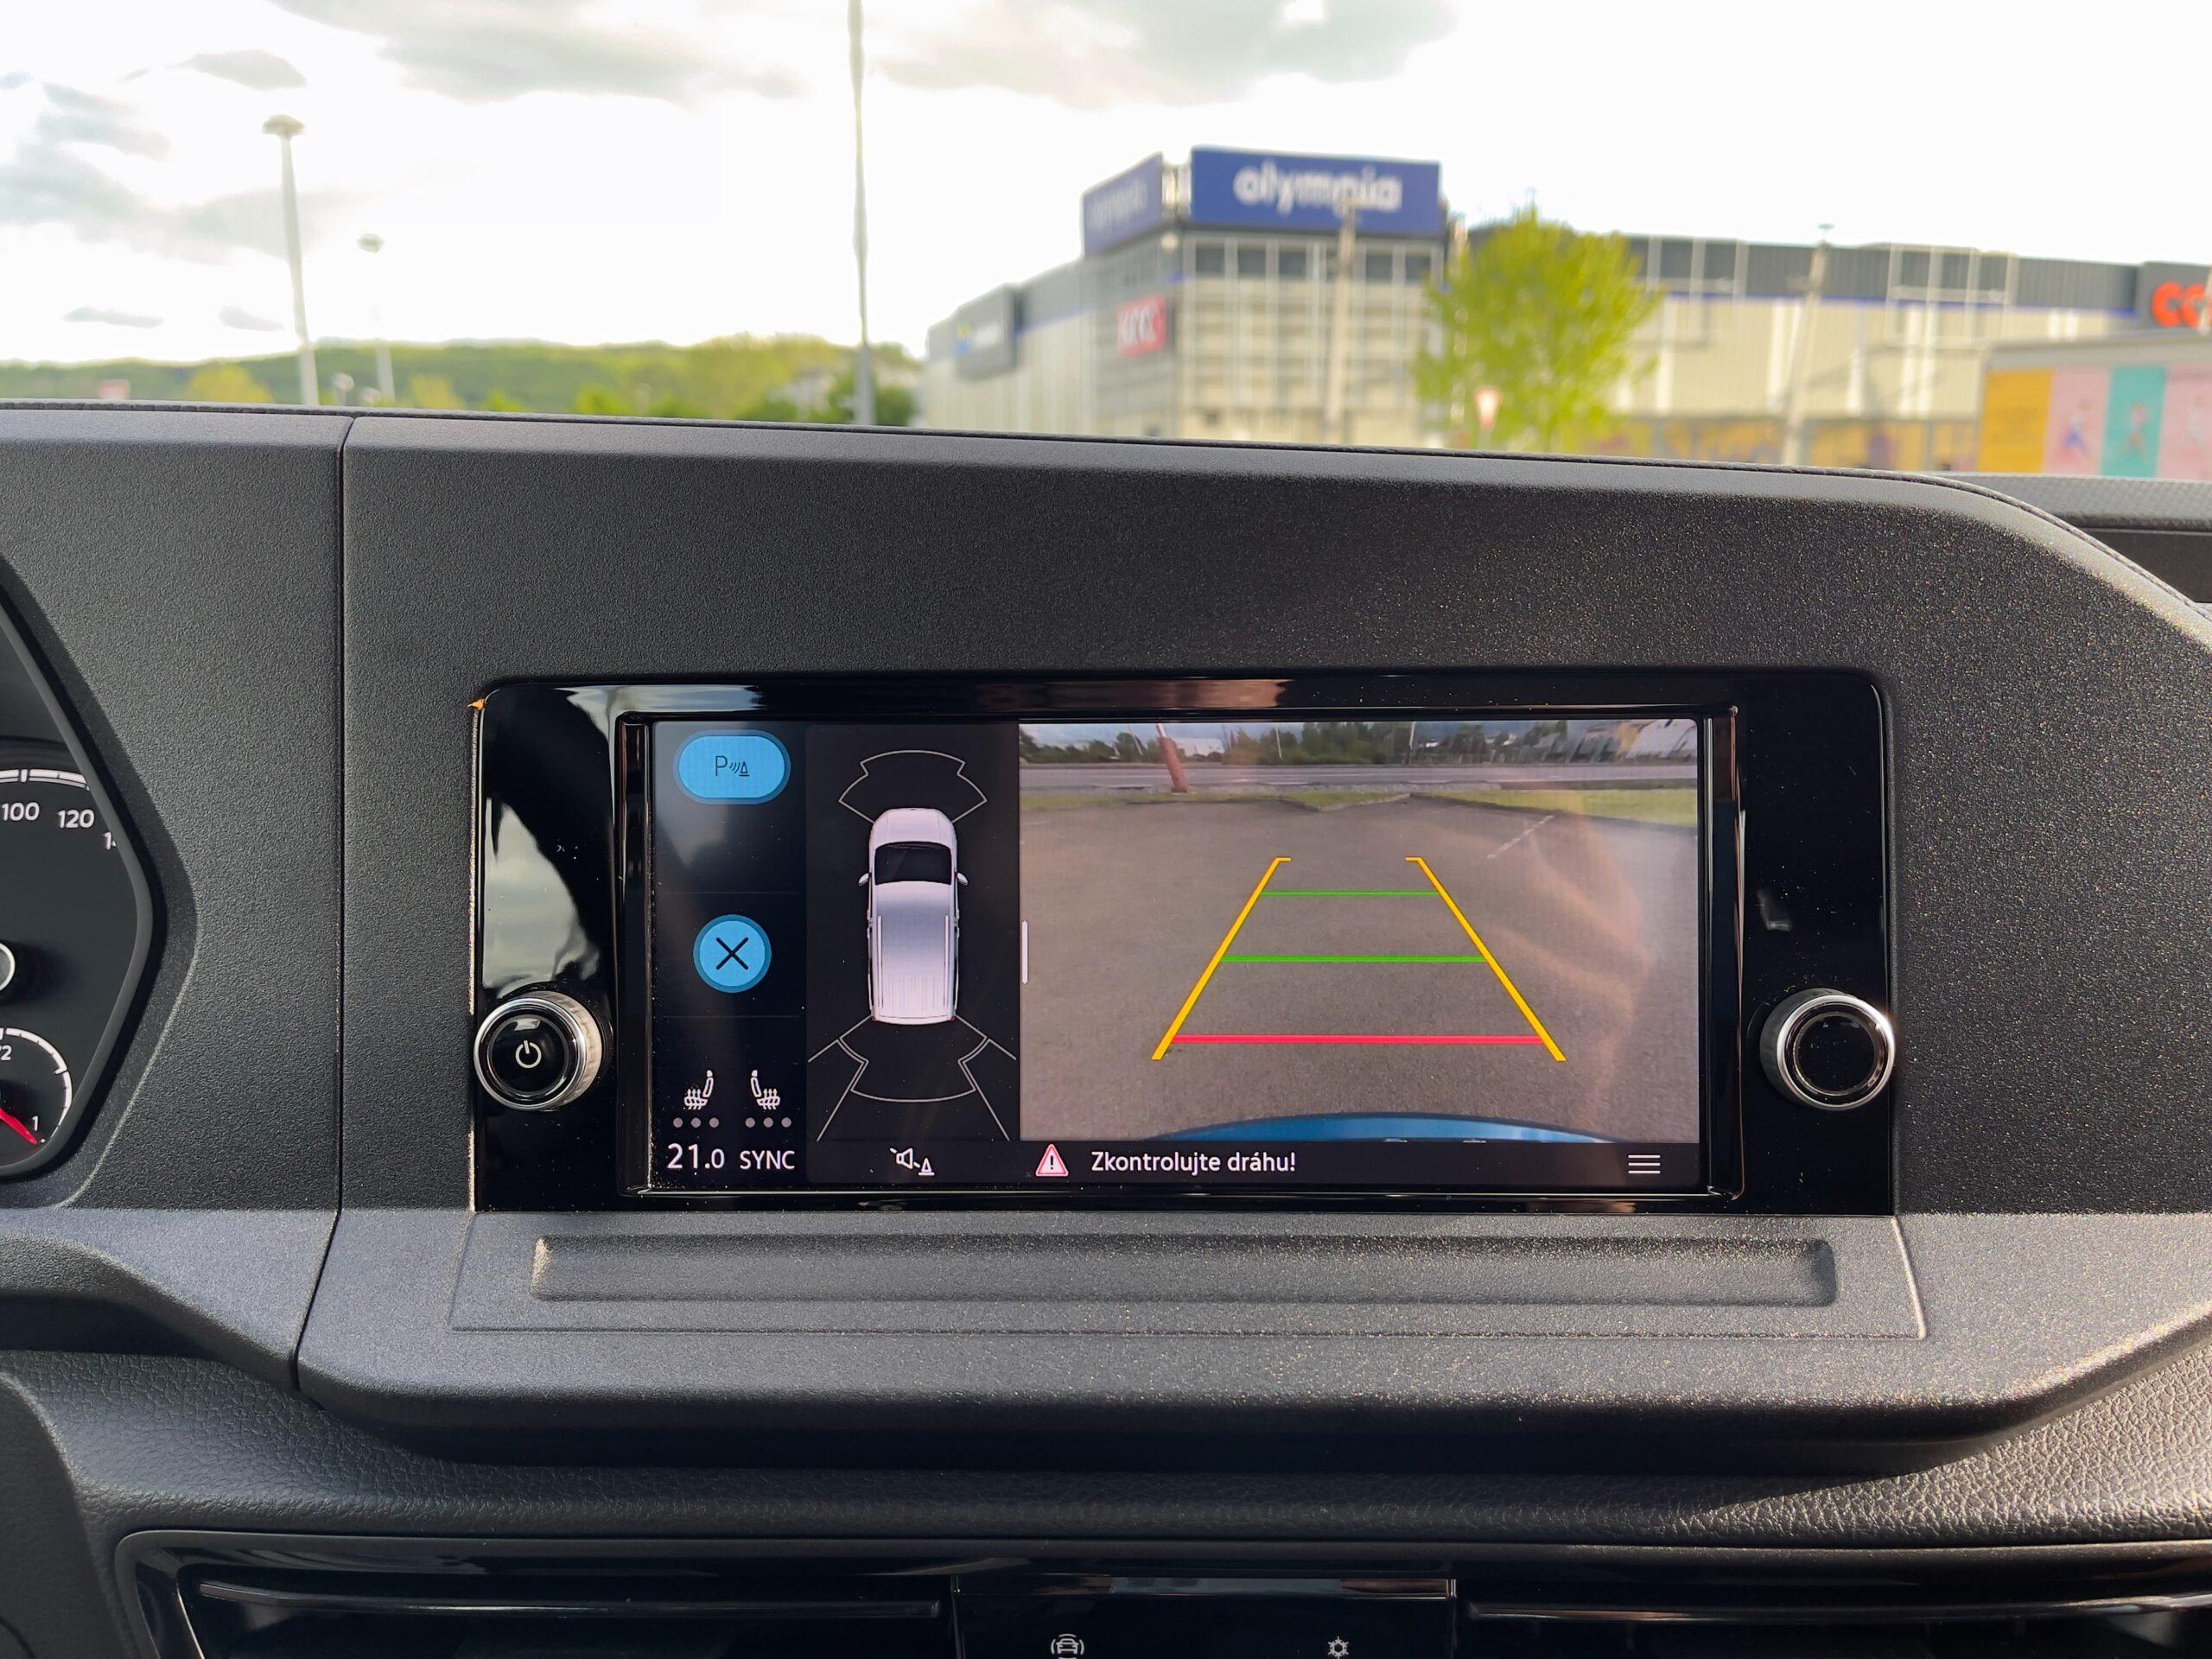 Volkswagen_Caddy_2021_infotainment_pristrojovy_parkovac